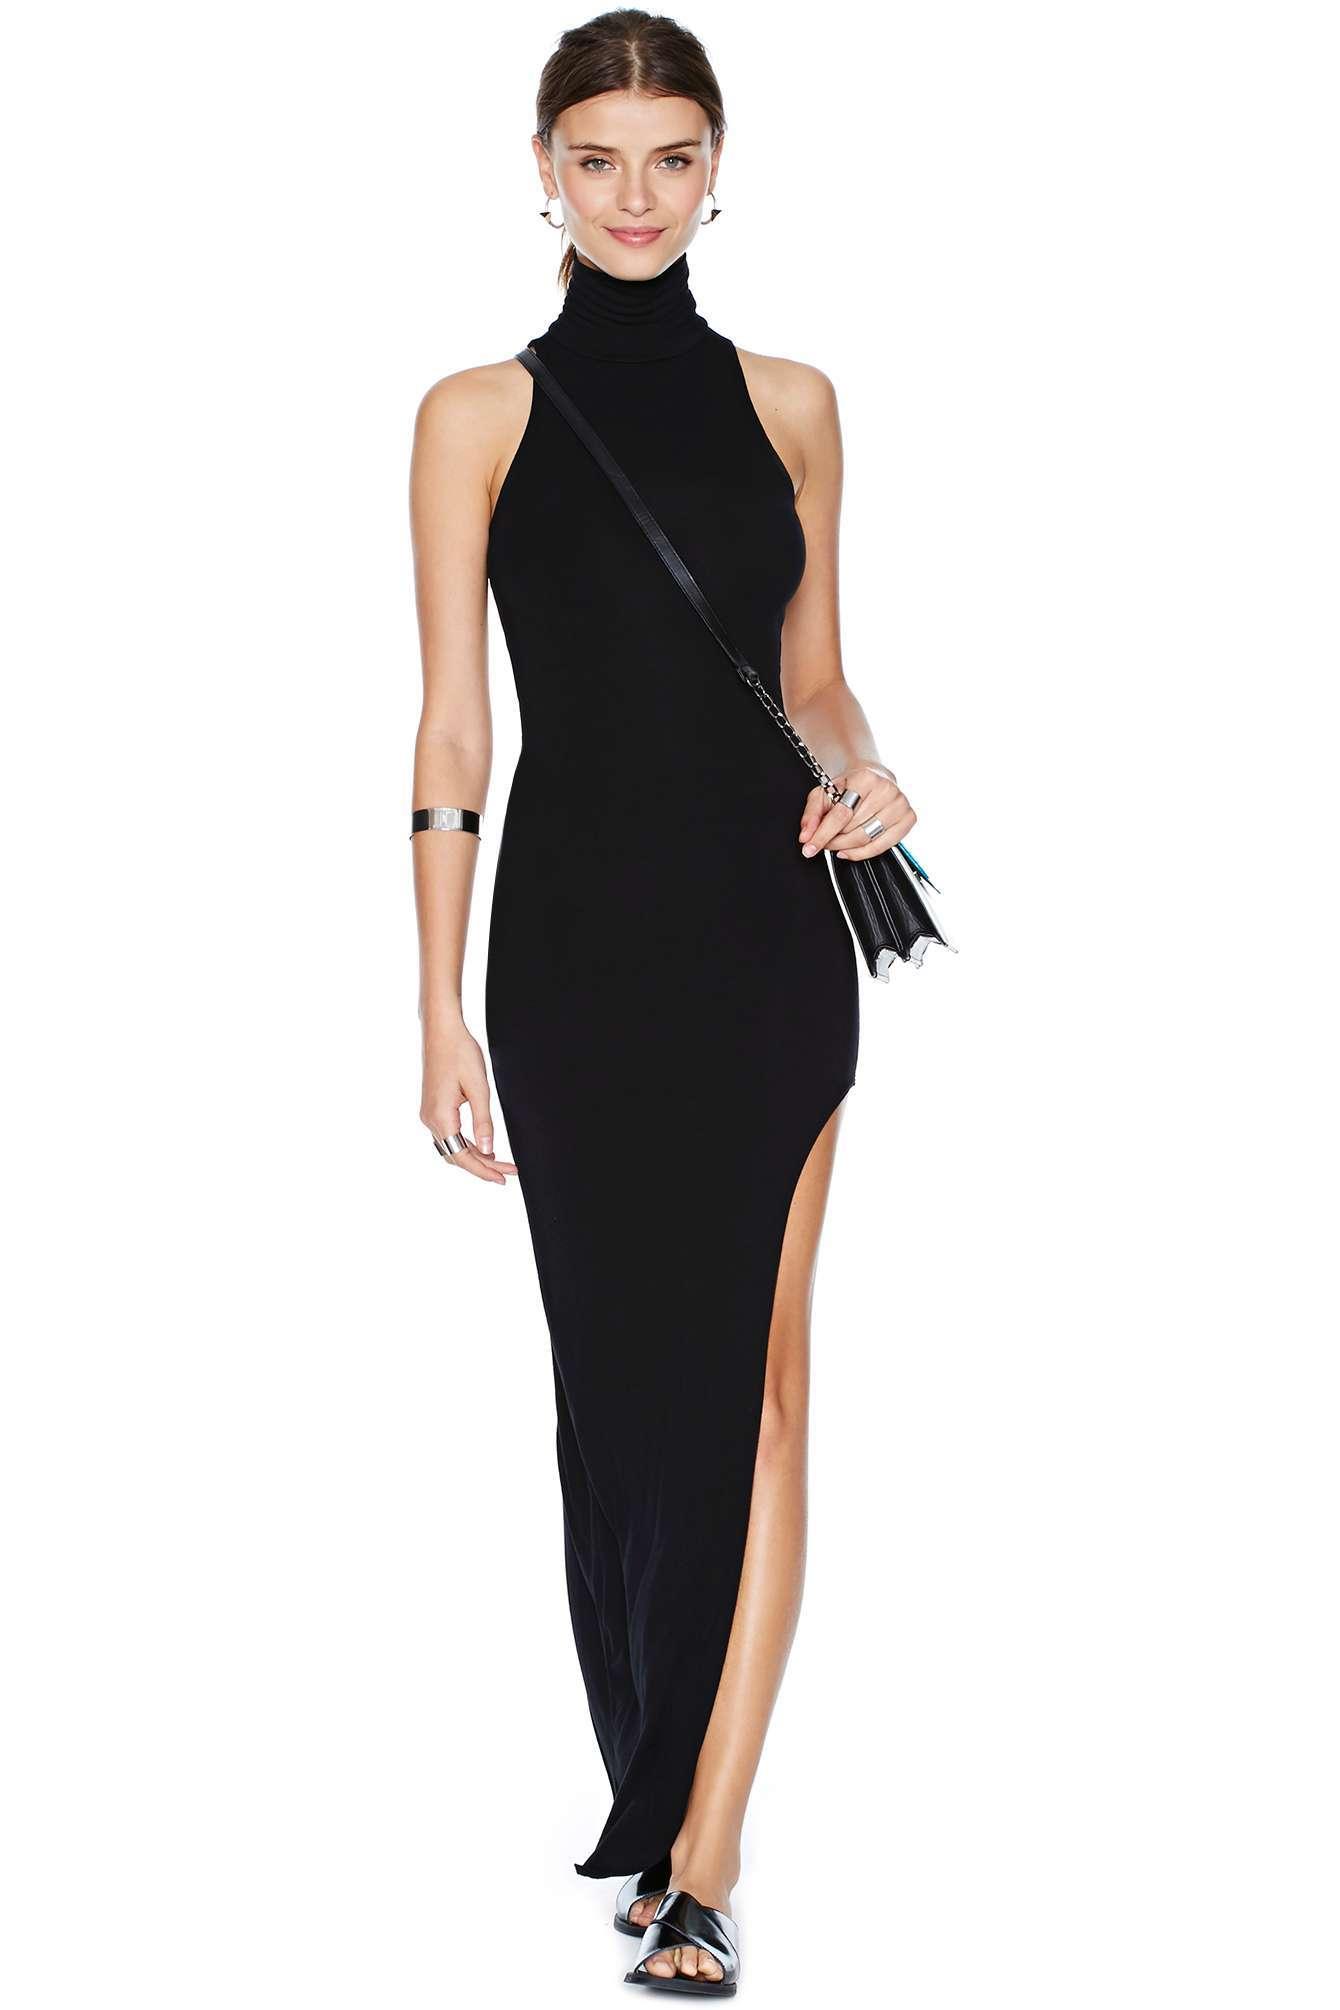 Vanish maxi dress